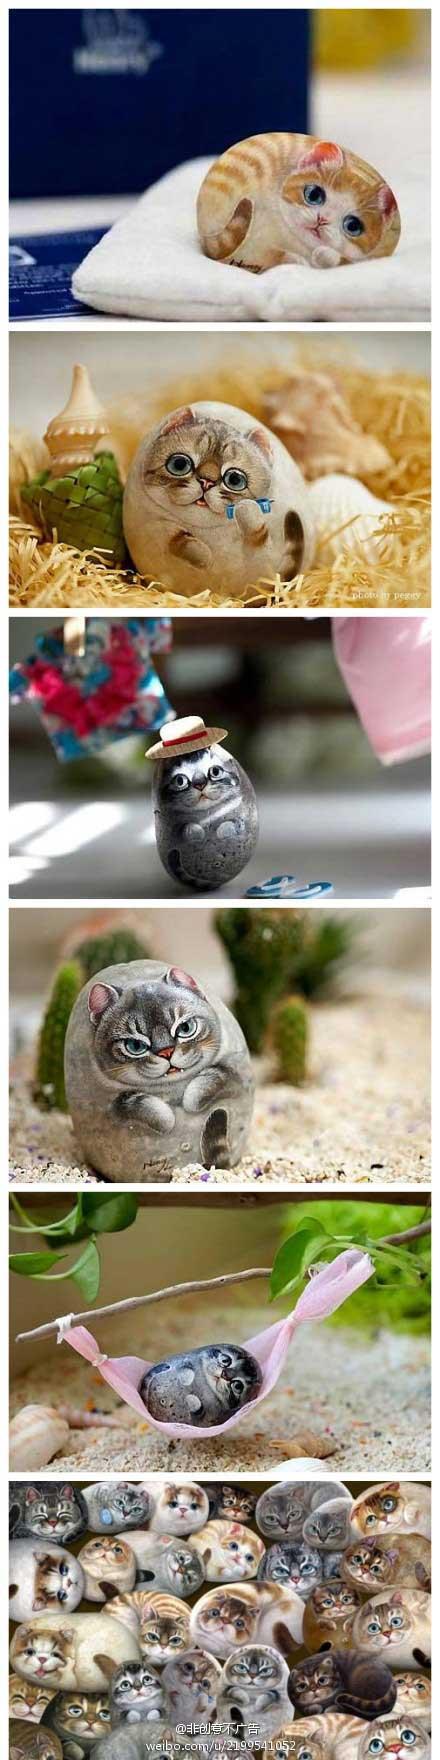 نقاشی کردن روی سنگ به شکل گربه های ملوس